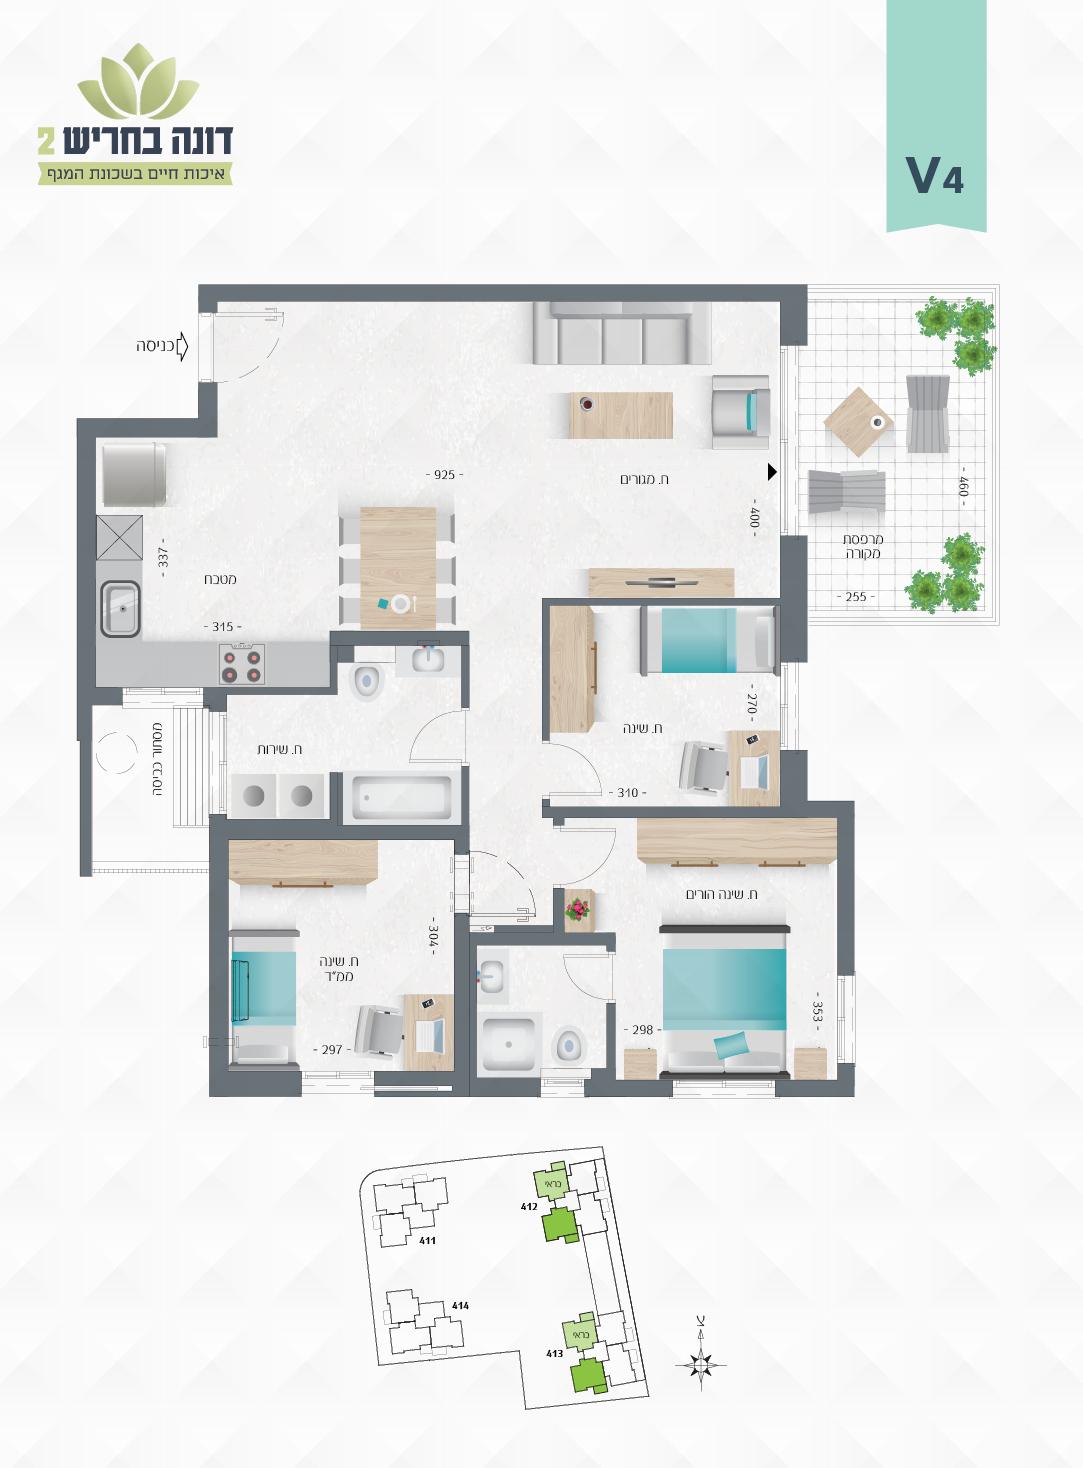 V4 2 דירות למכירה בחריש, דונה בחריש - תכנית דירה